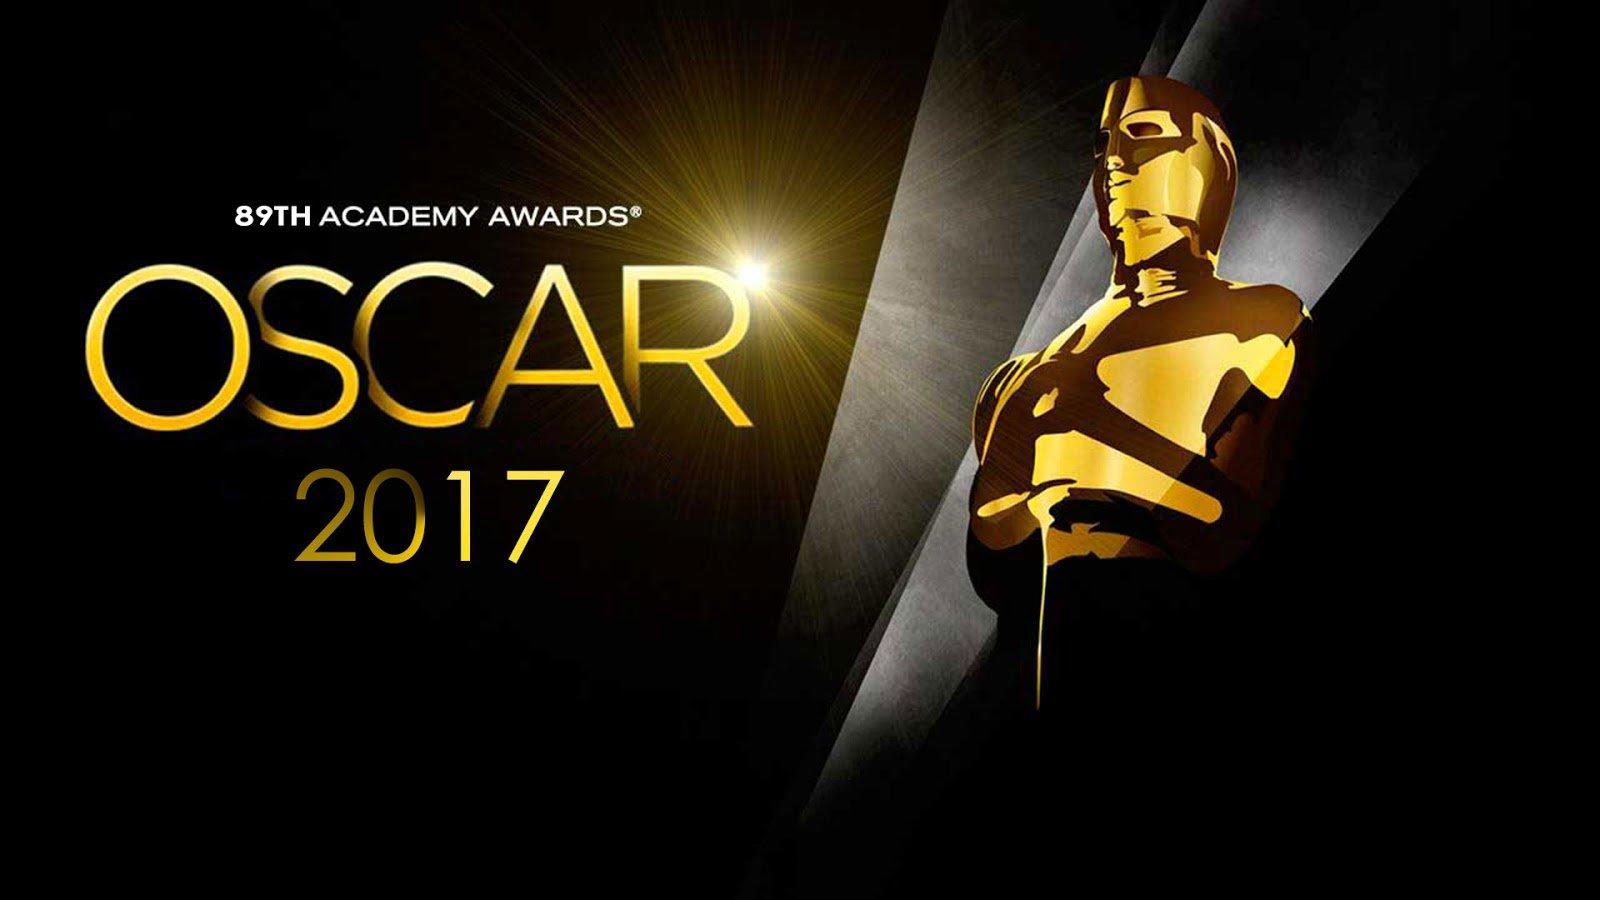 oscars-2017-nominaciones-cintas-entretenimiento-aztecatrends-tv-azteca-2114950